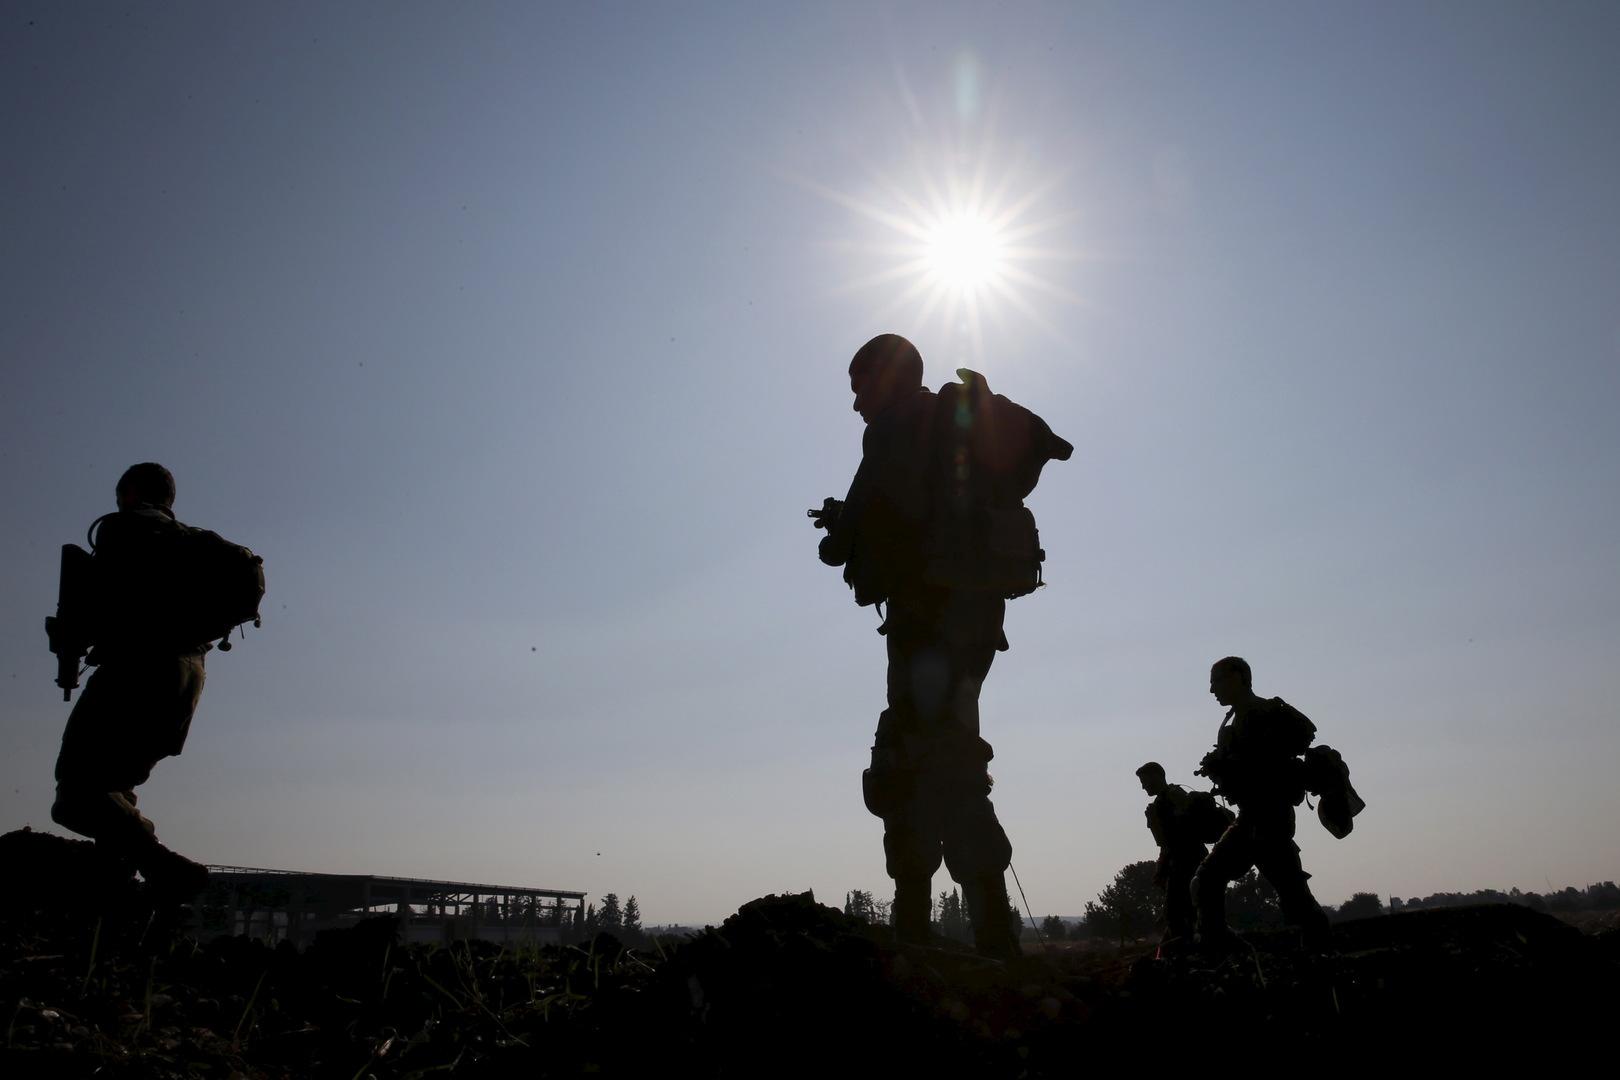 عسكريون إسرائيليون يبحثون عن بقايا صواريخ أطلقت من لبنان (أرشيف).